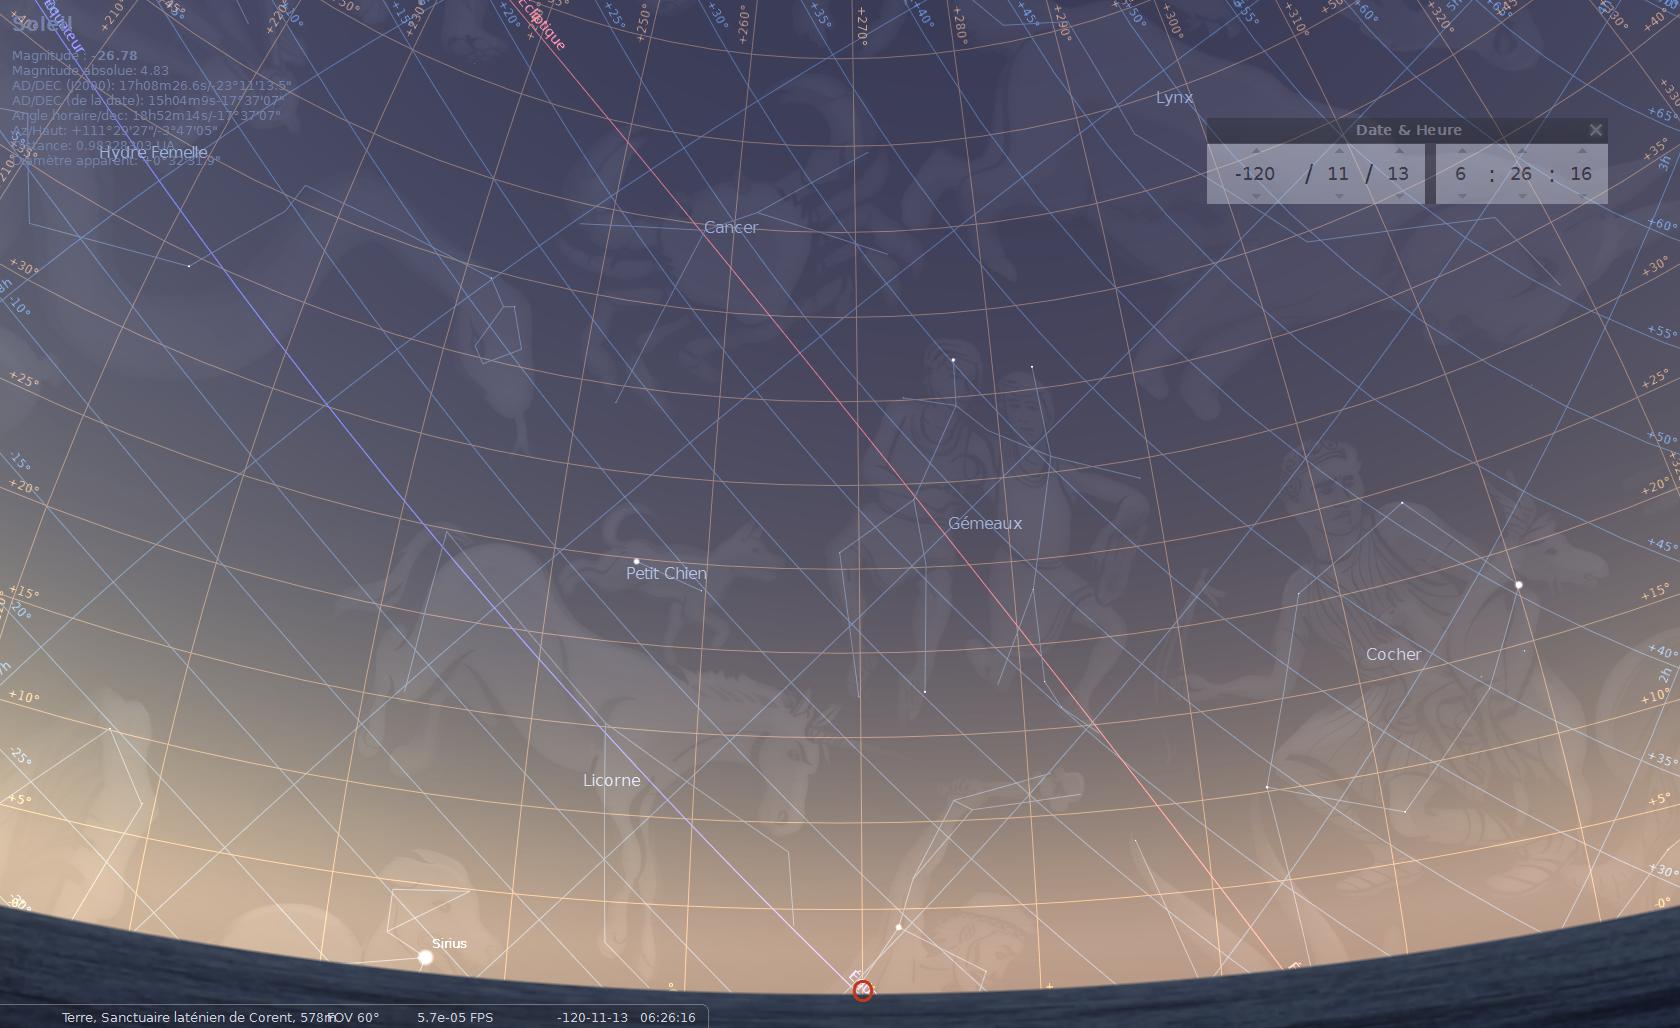 définition crépuscule astronomique